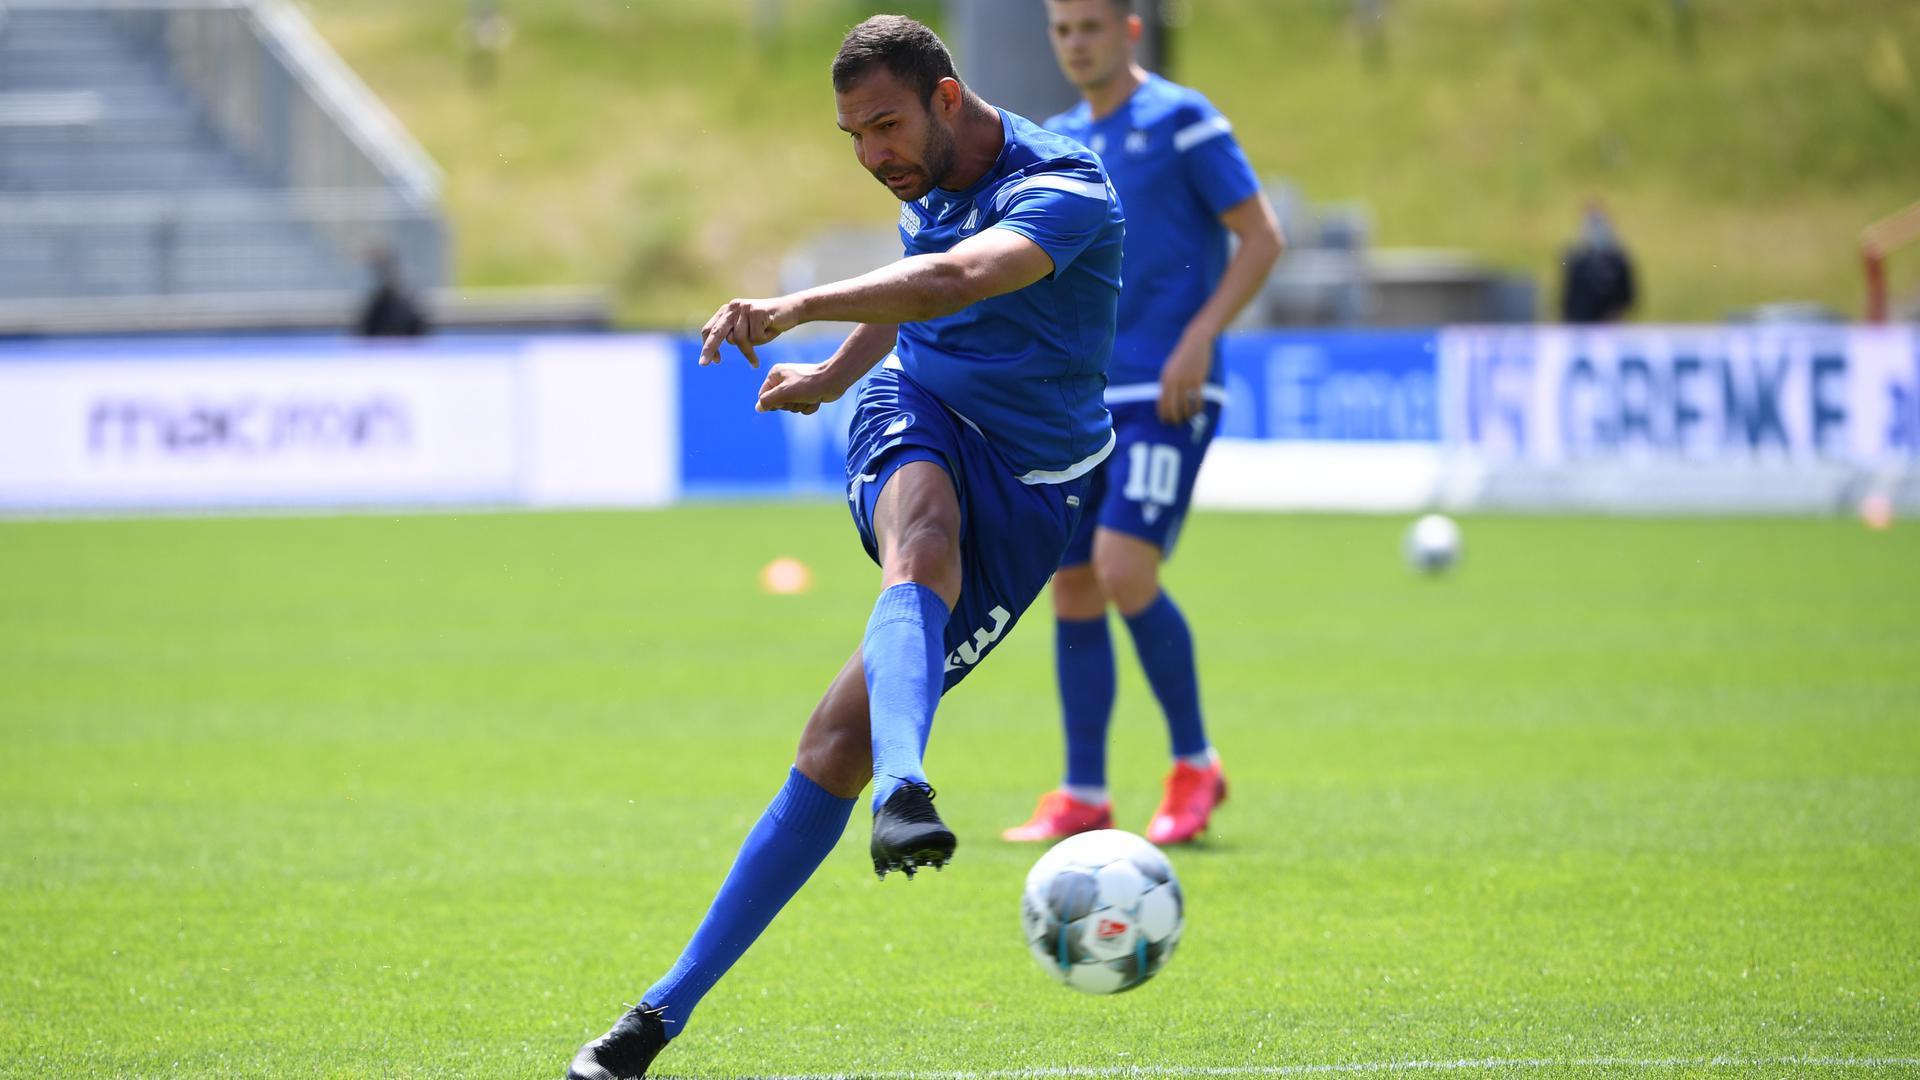 Warmschießen für den KSC: Daniel Gordon steht vor der Rückkehr zum Fußball-Zweitligisten.